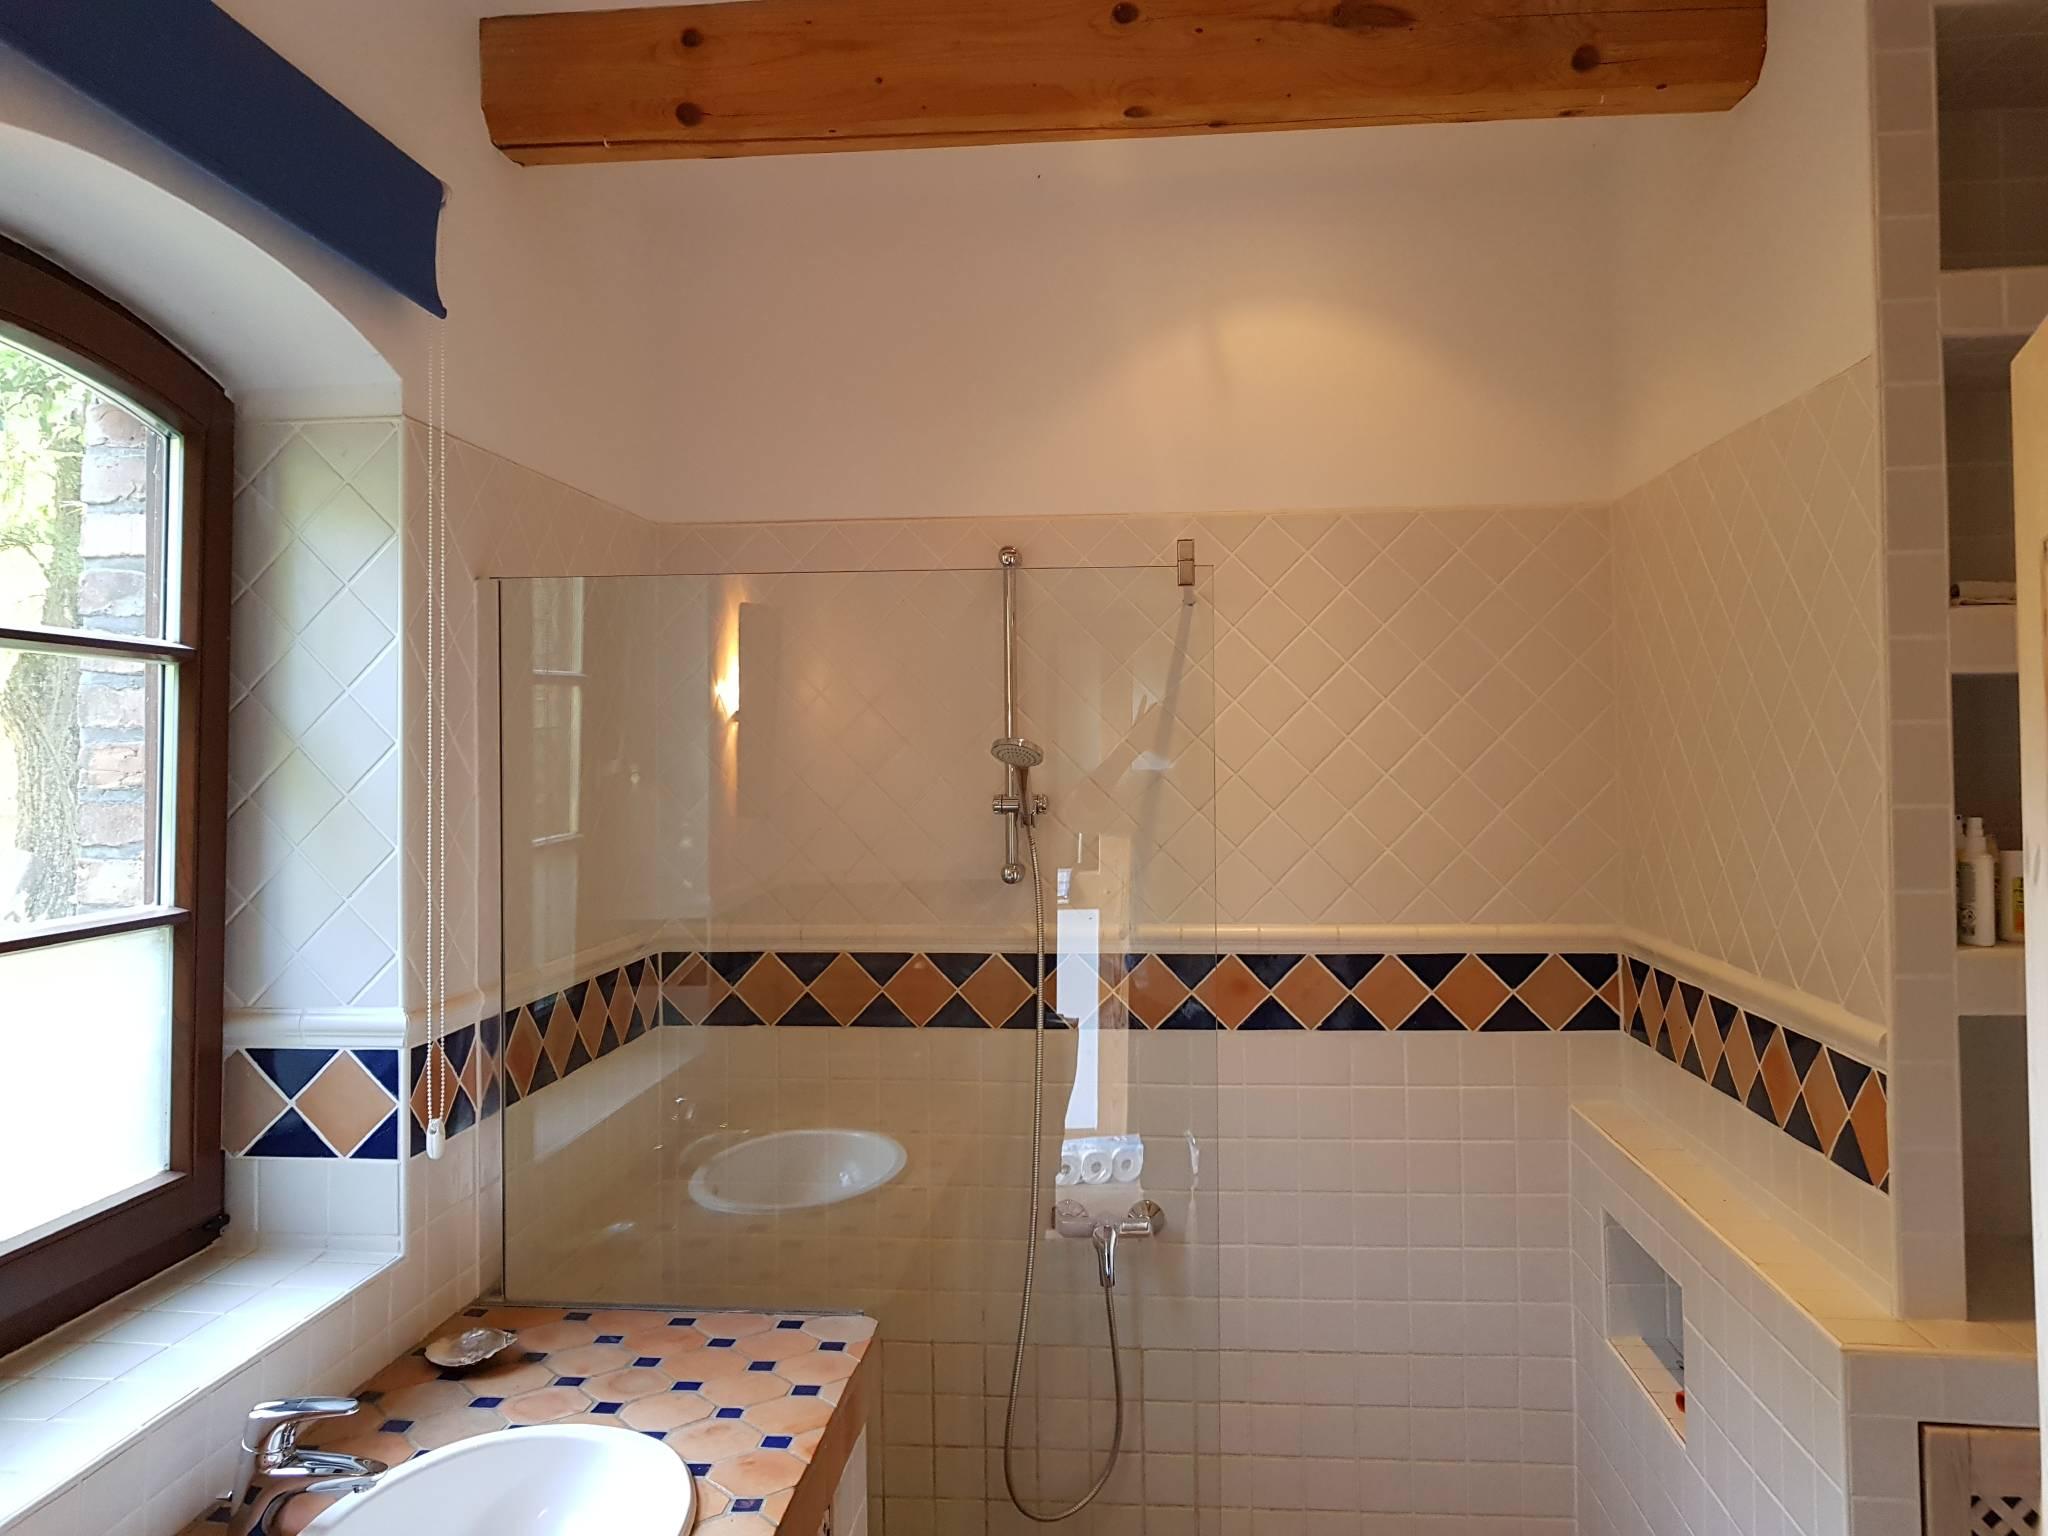 Badezimmer Ferienhaus, Handtücher inkl.